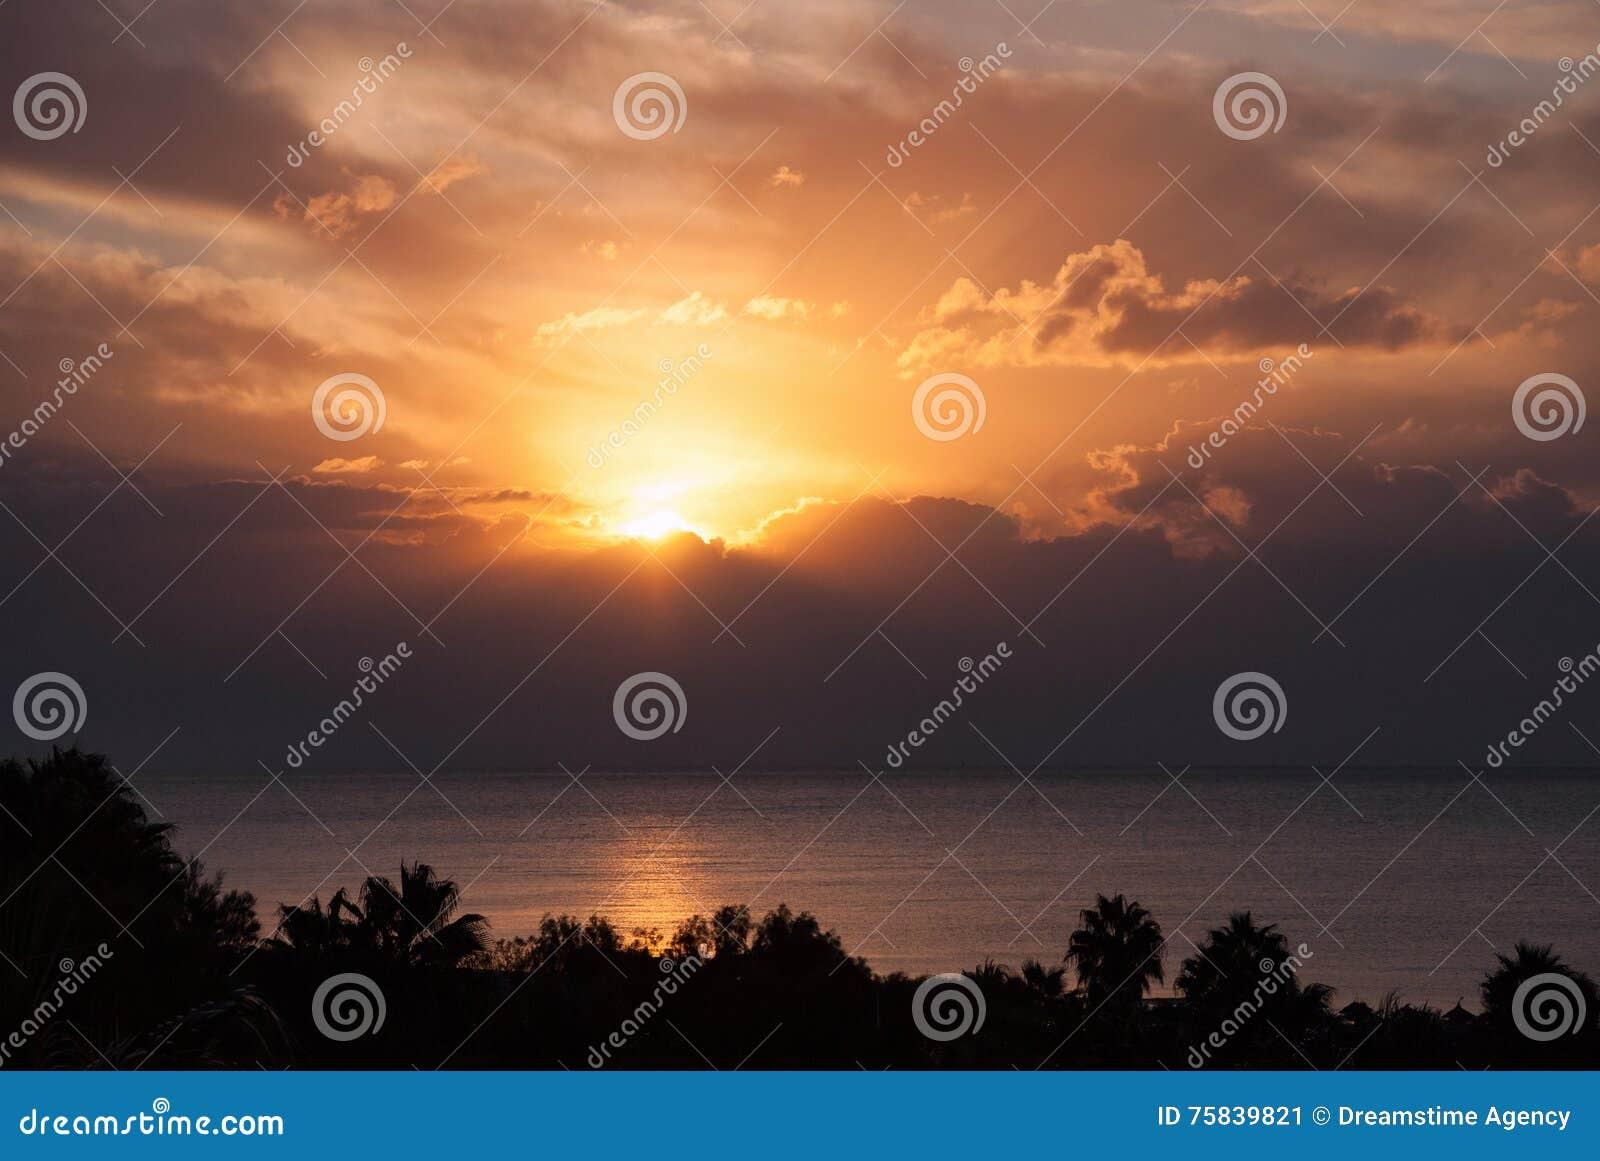 Solnedgången fördunklar palmträdkonturhorisonten